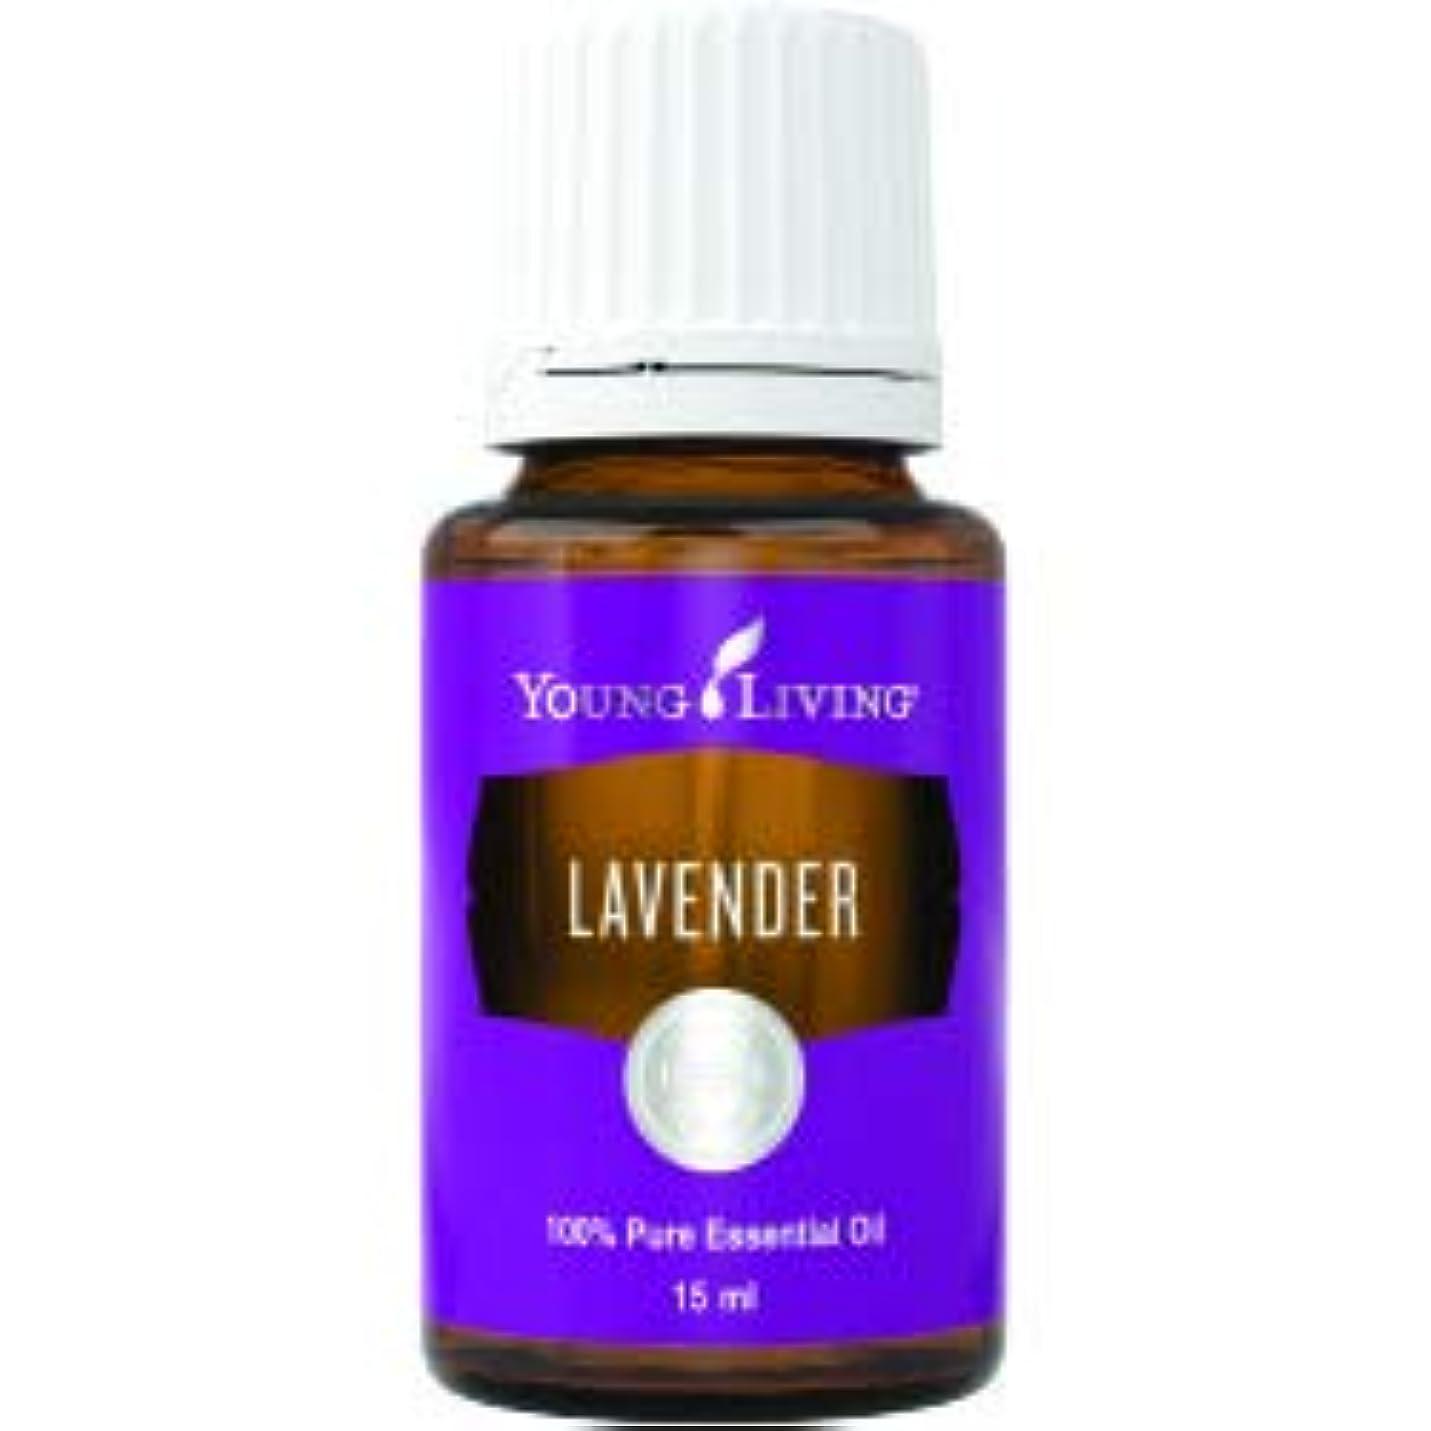 ヘアやがて効果ラベンダーエッセンシャルオイル15ml by Young Livingエッセンシャルオイルマレーシア Lavender Essential Oil 15ml by Young Living Essential Oil Malaysia